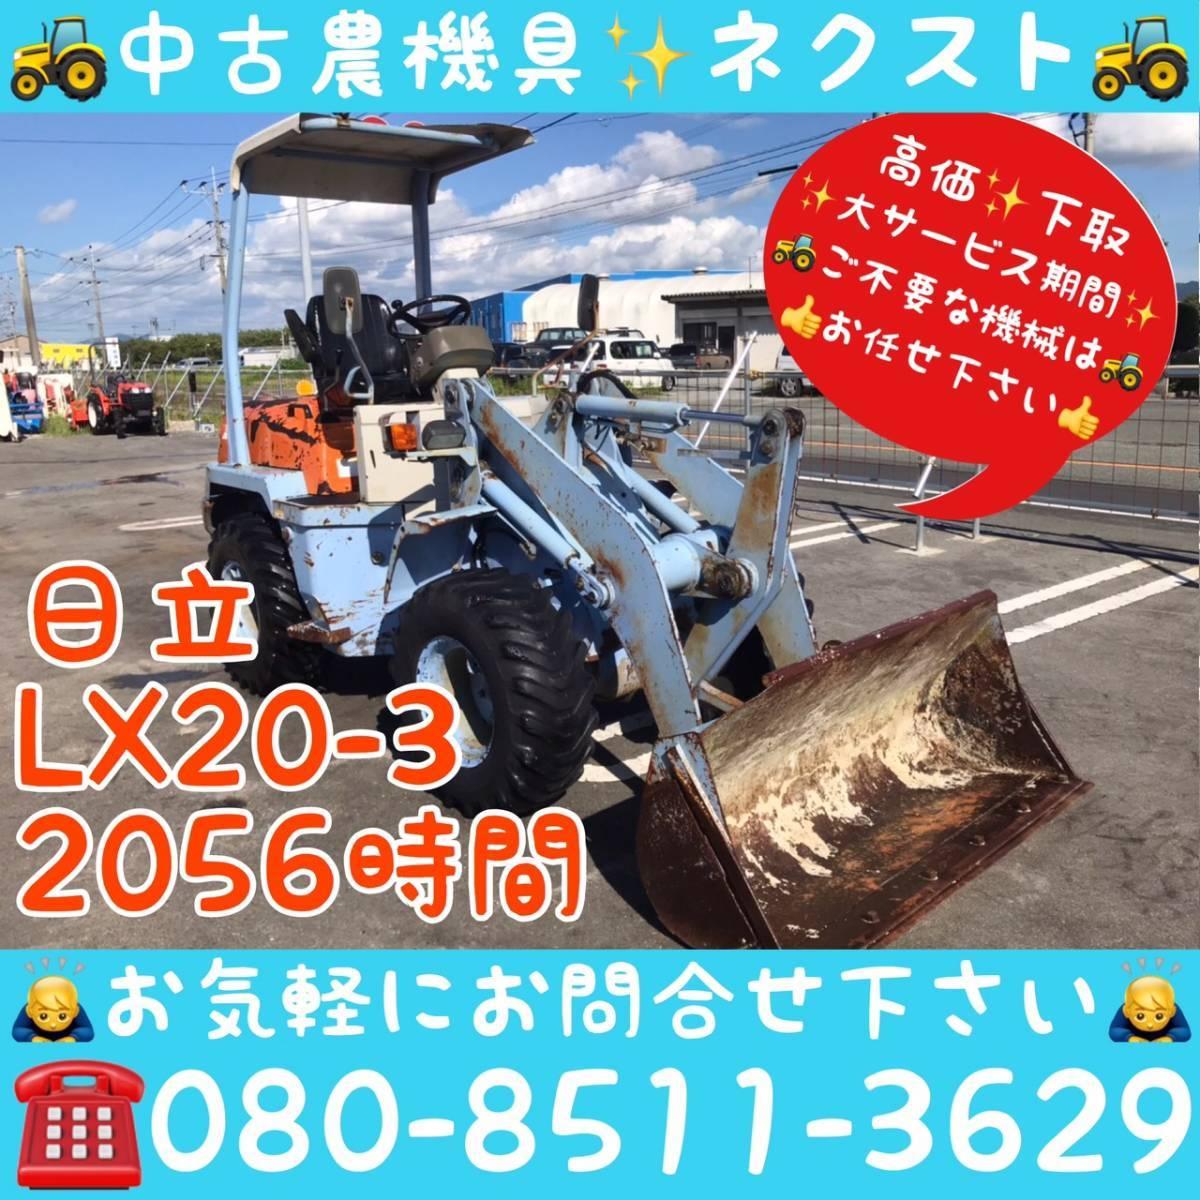 「☆サマーセール☆ 日立 LX20-3 ホイルローダー 2056時間 タイヤショベル 福岡県発」の画像1